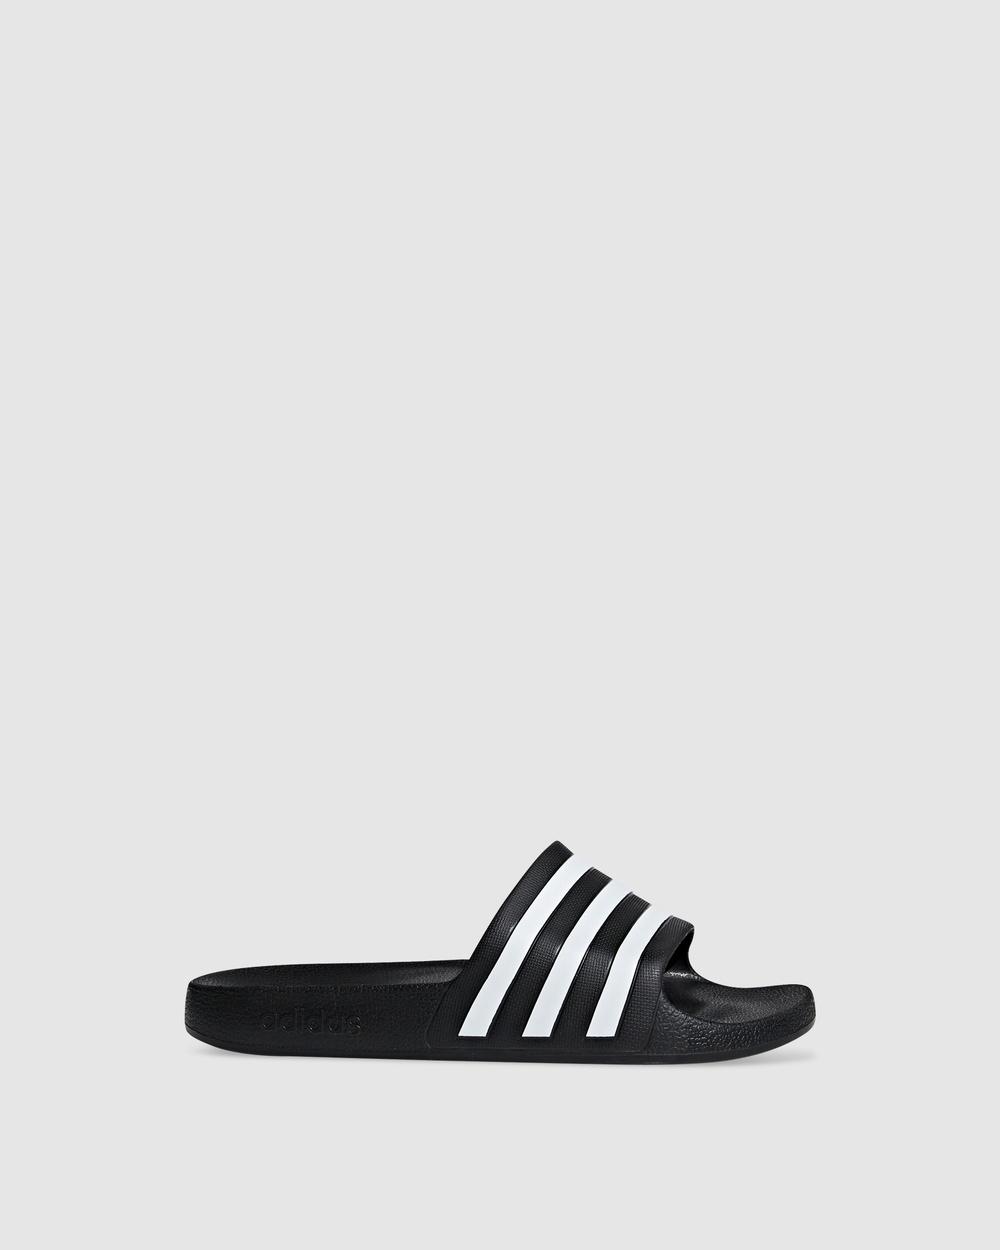 adidas Performance Adilette Aqua Slides Sandals Black Australia